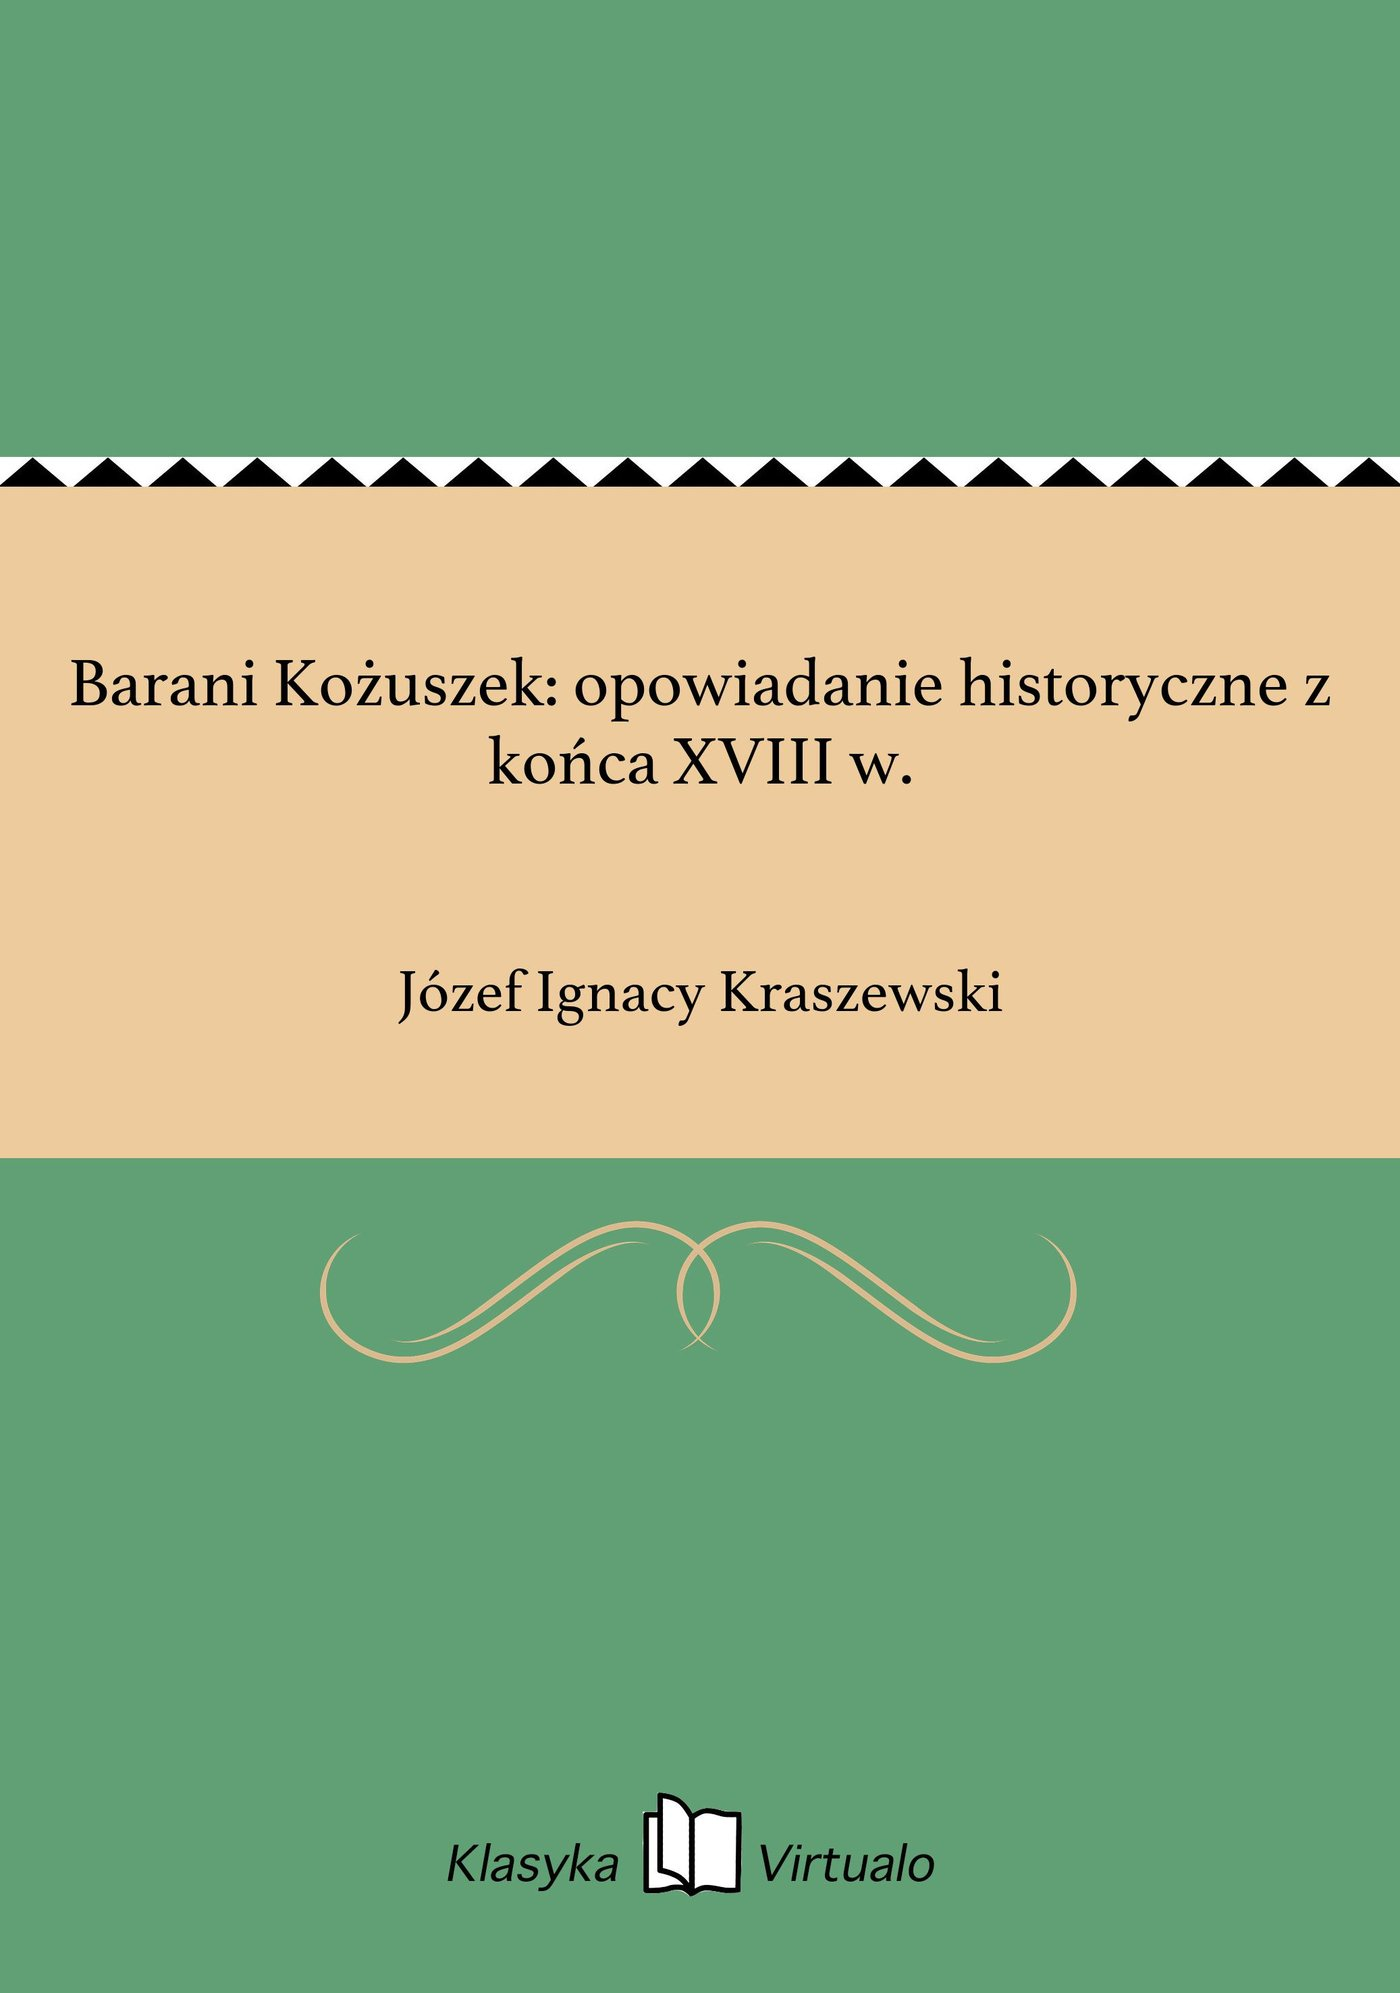 Barani Kożuszek: opowiadanie historyczne z końca XVIII w. - Ebook (Książka EPUB) do pobrania w formacie EPUB